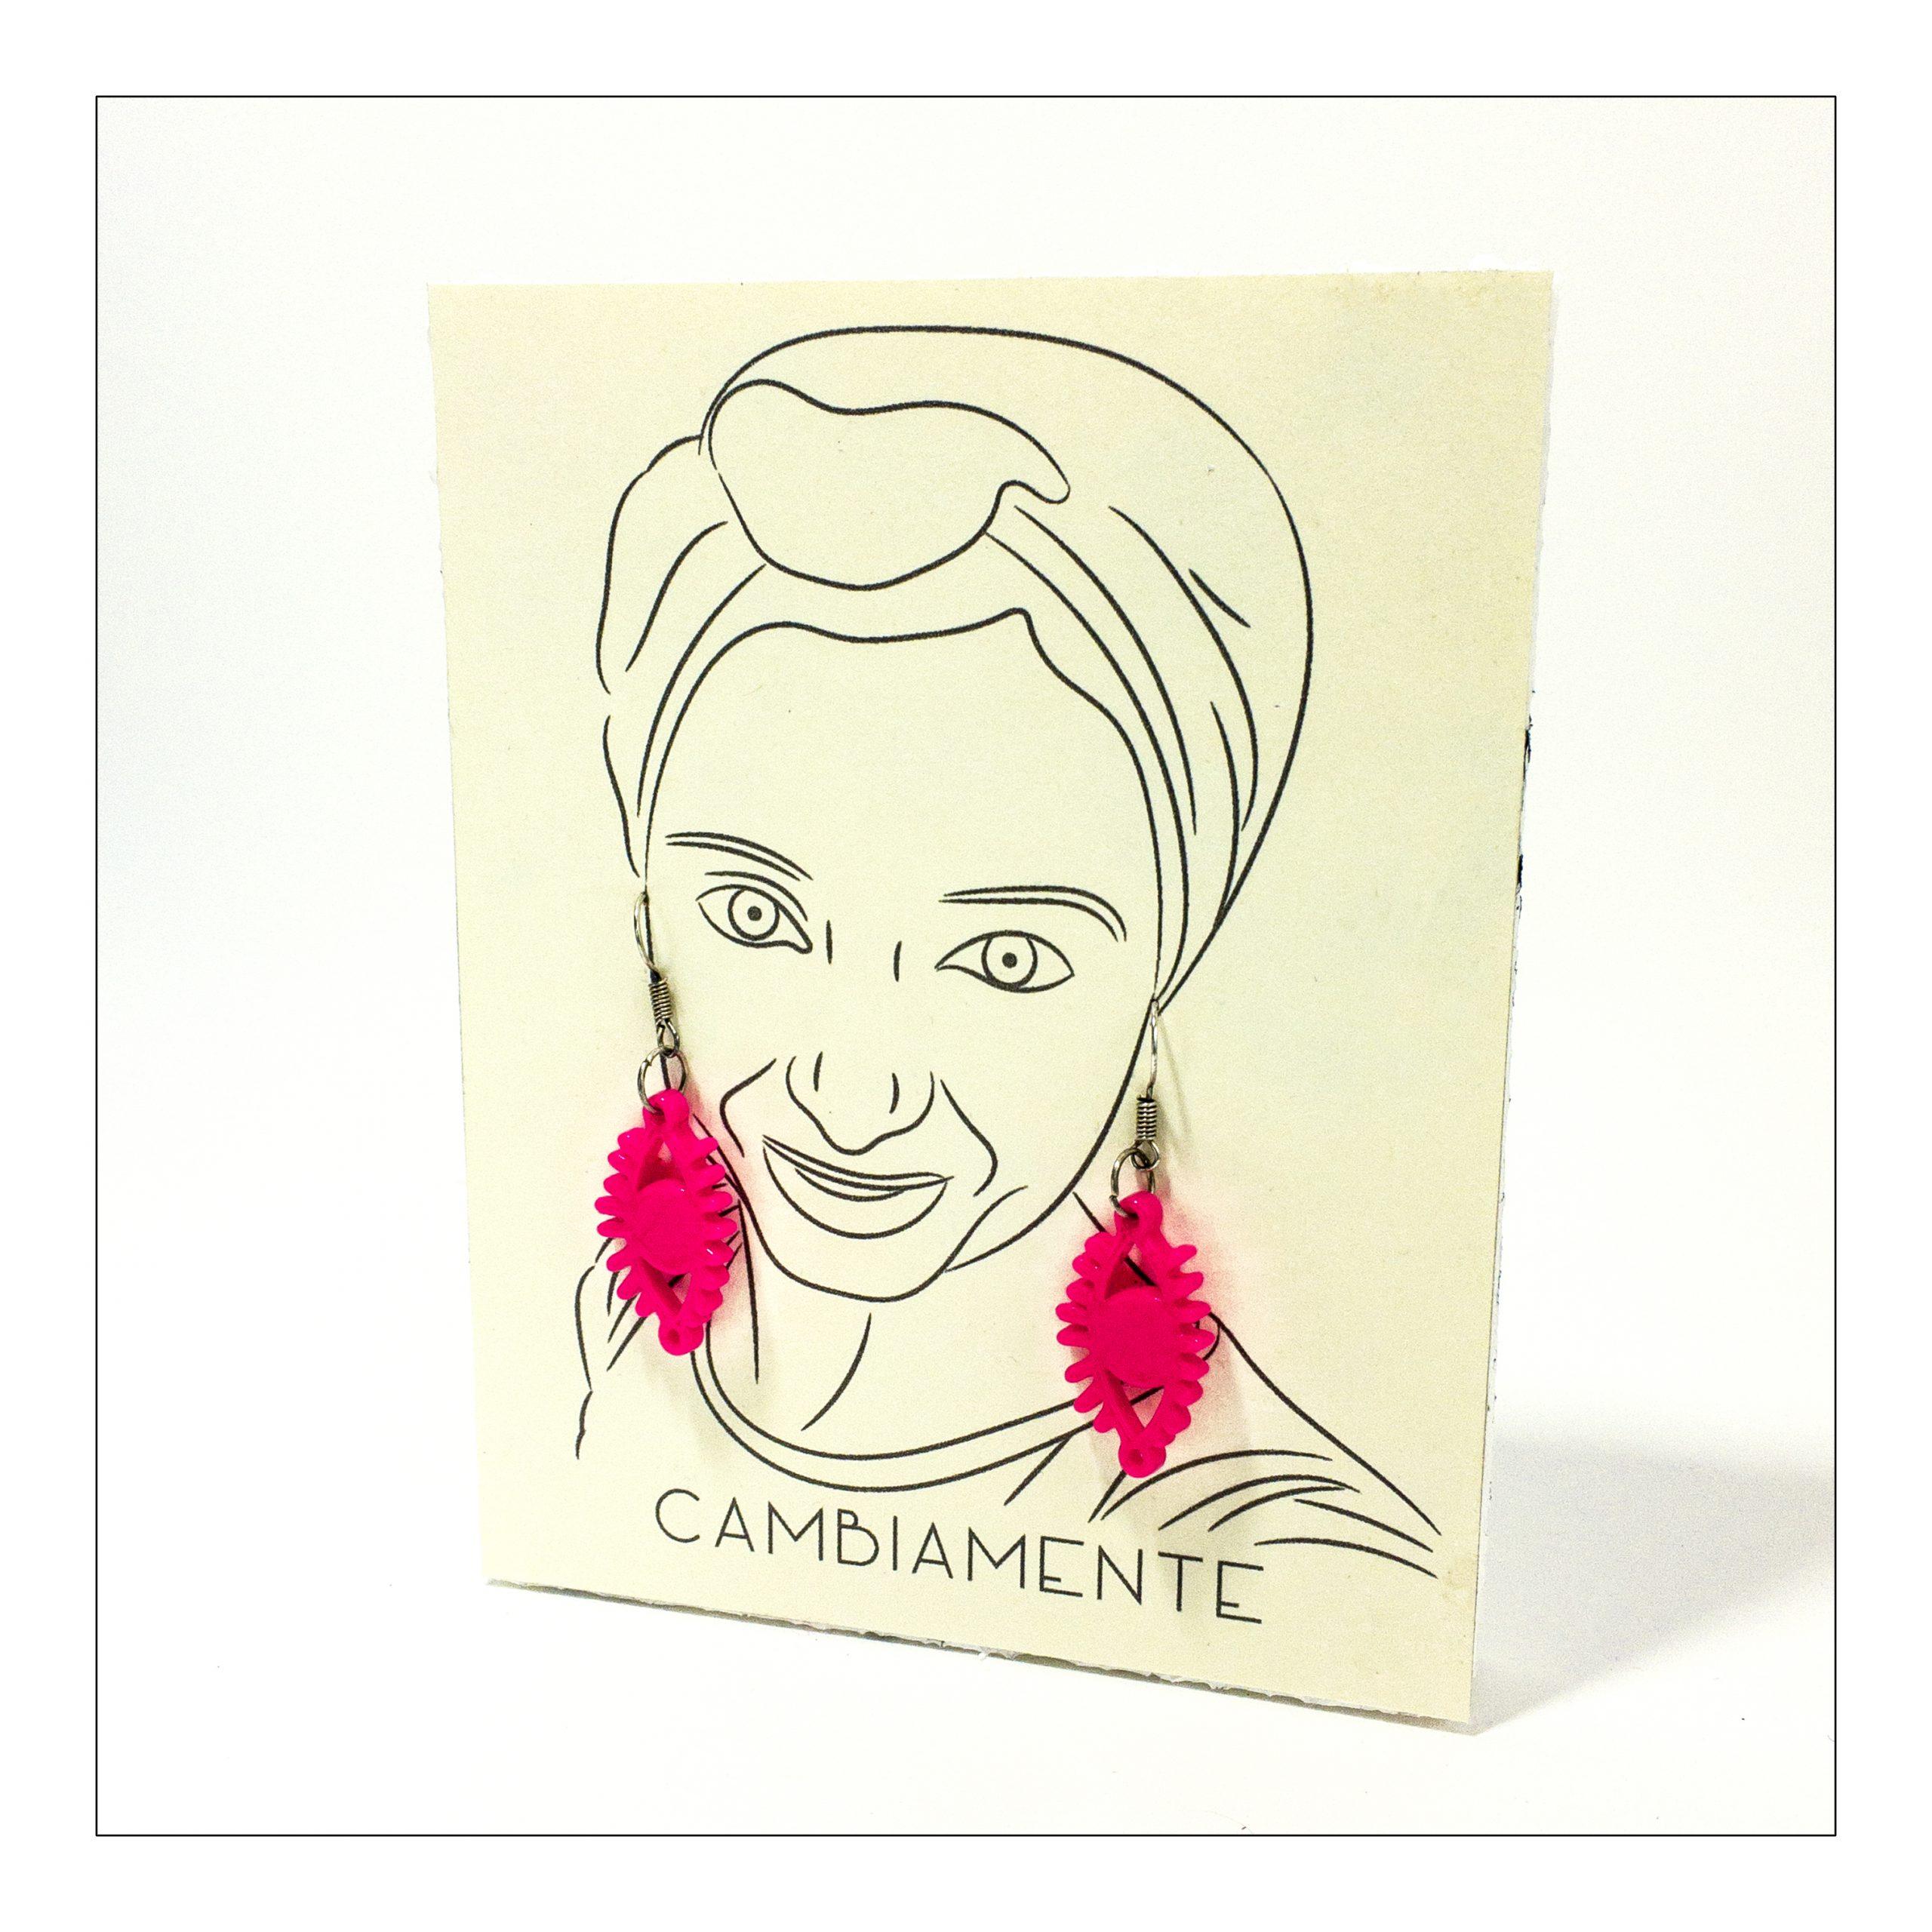 orecchini cambiamente Ds originalità e leggerezza in un gioiello contemporaneo